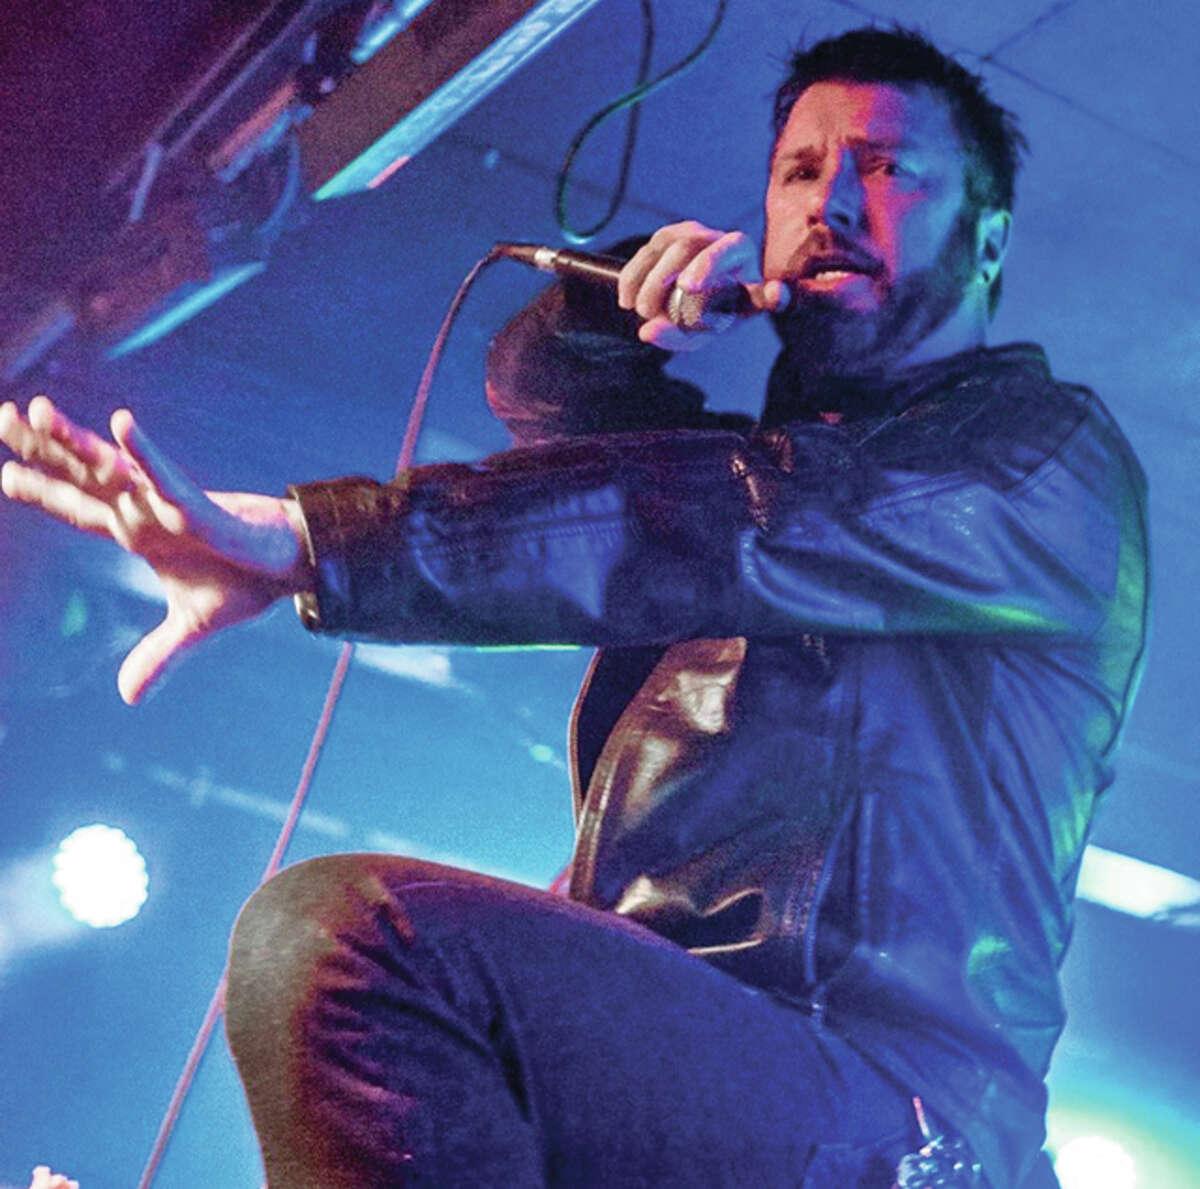 SEANCE lead singer Dean Preacher.